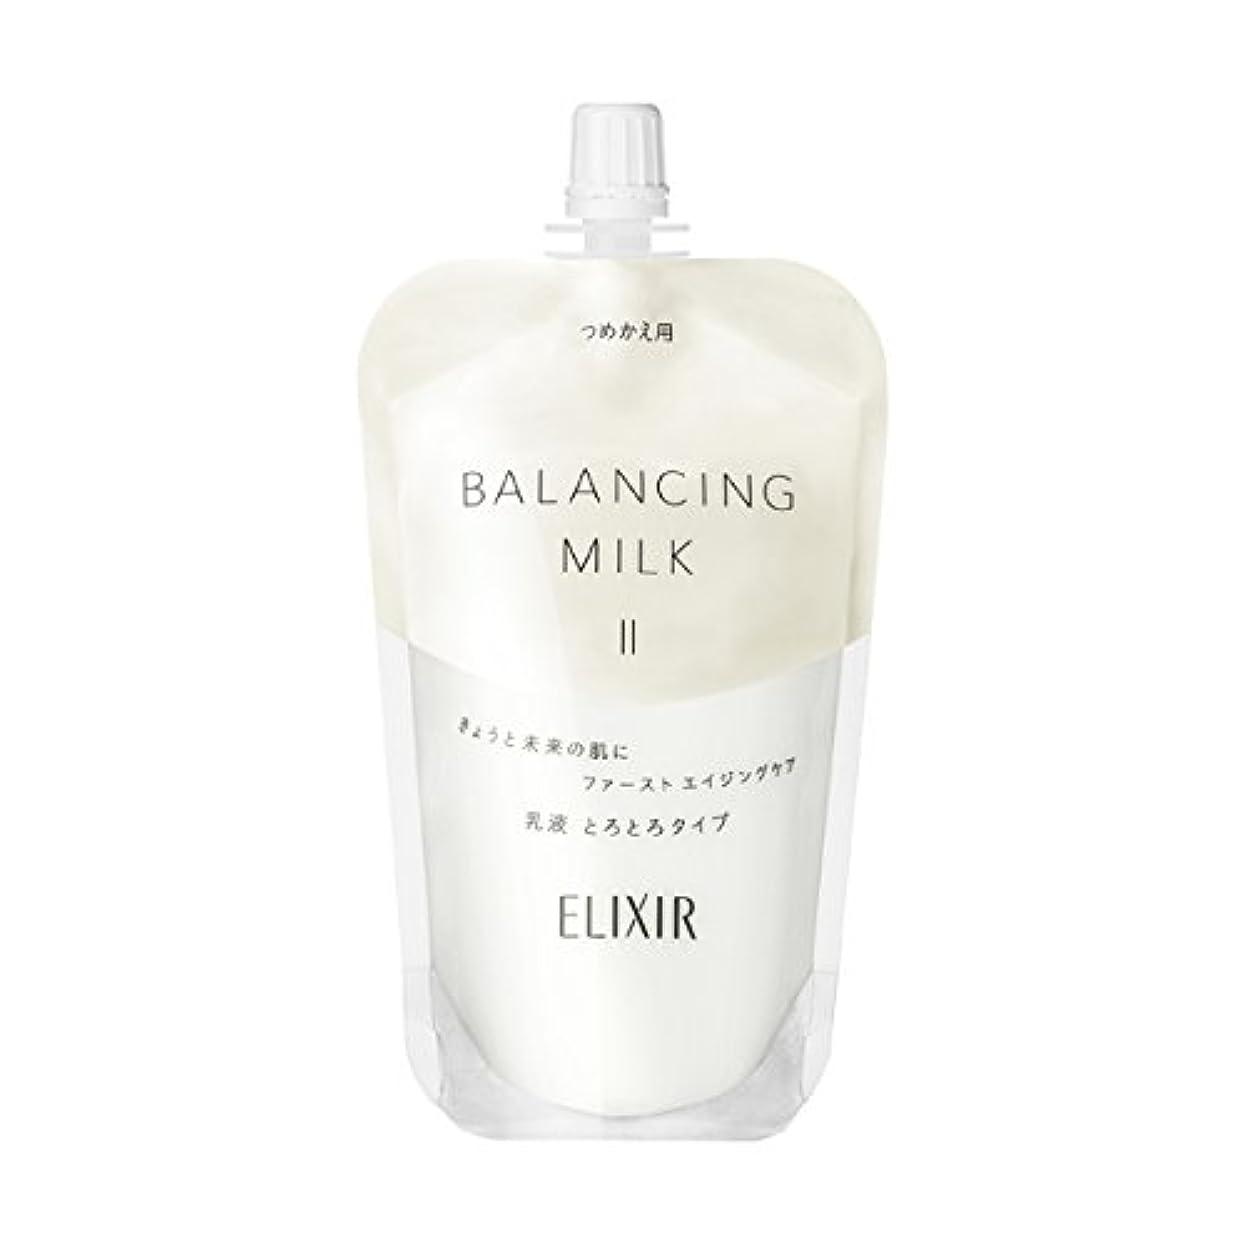 メンテナンス補償傭兵エリクシール ルフレ バランシング ミルク 乳液 2 (とろとろタイプ) (つめかえ用) 110mL